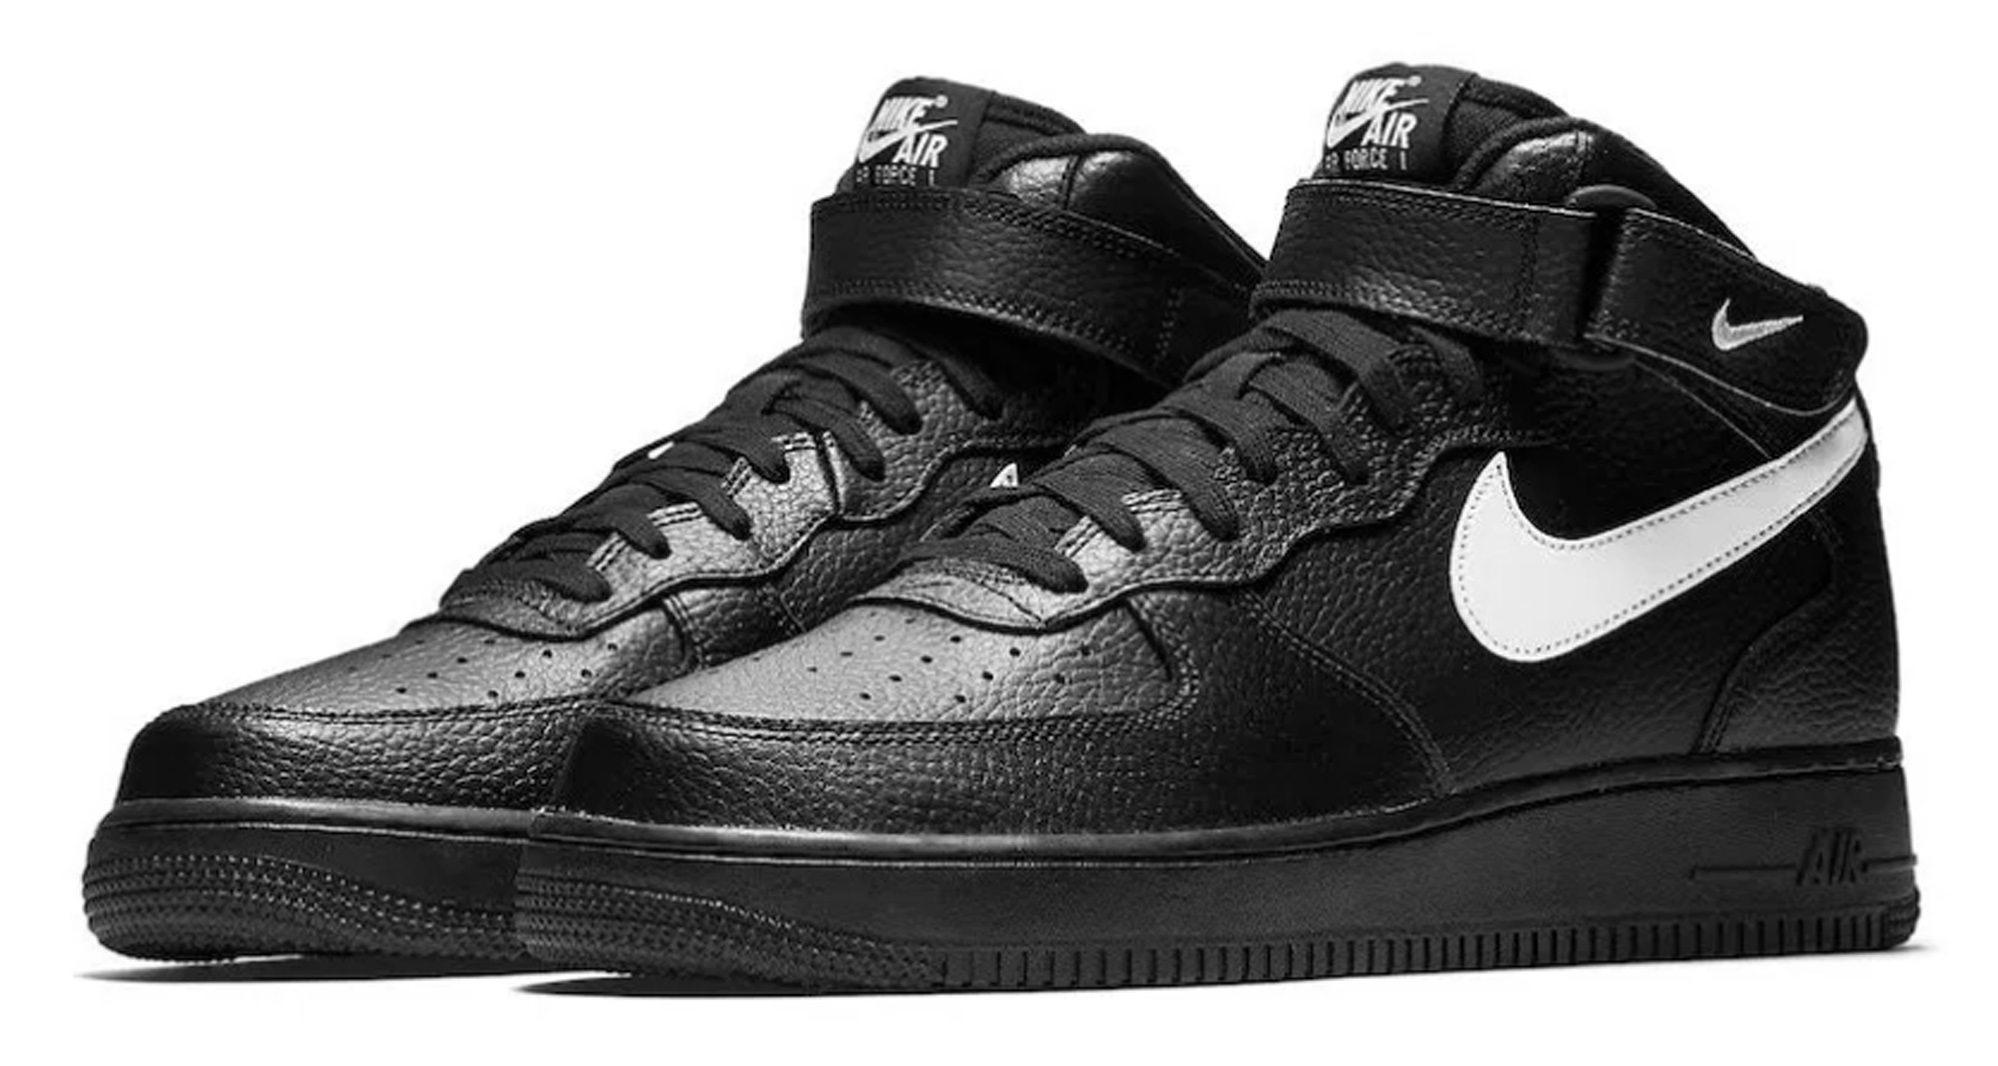 Nike Air Force 1 Mid Black/Sail